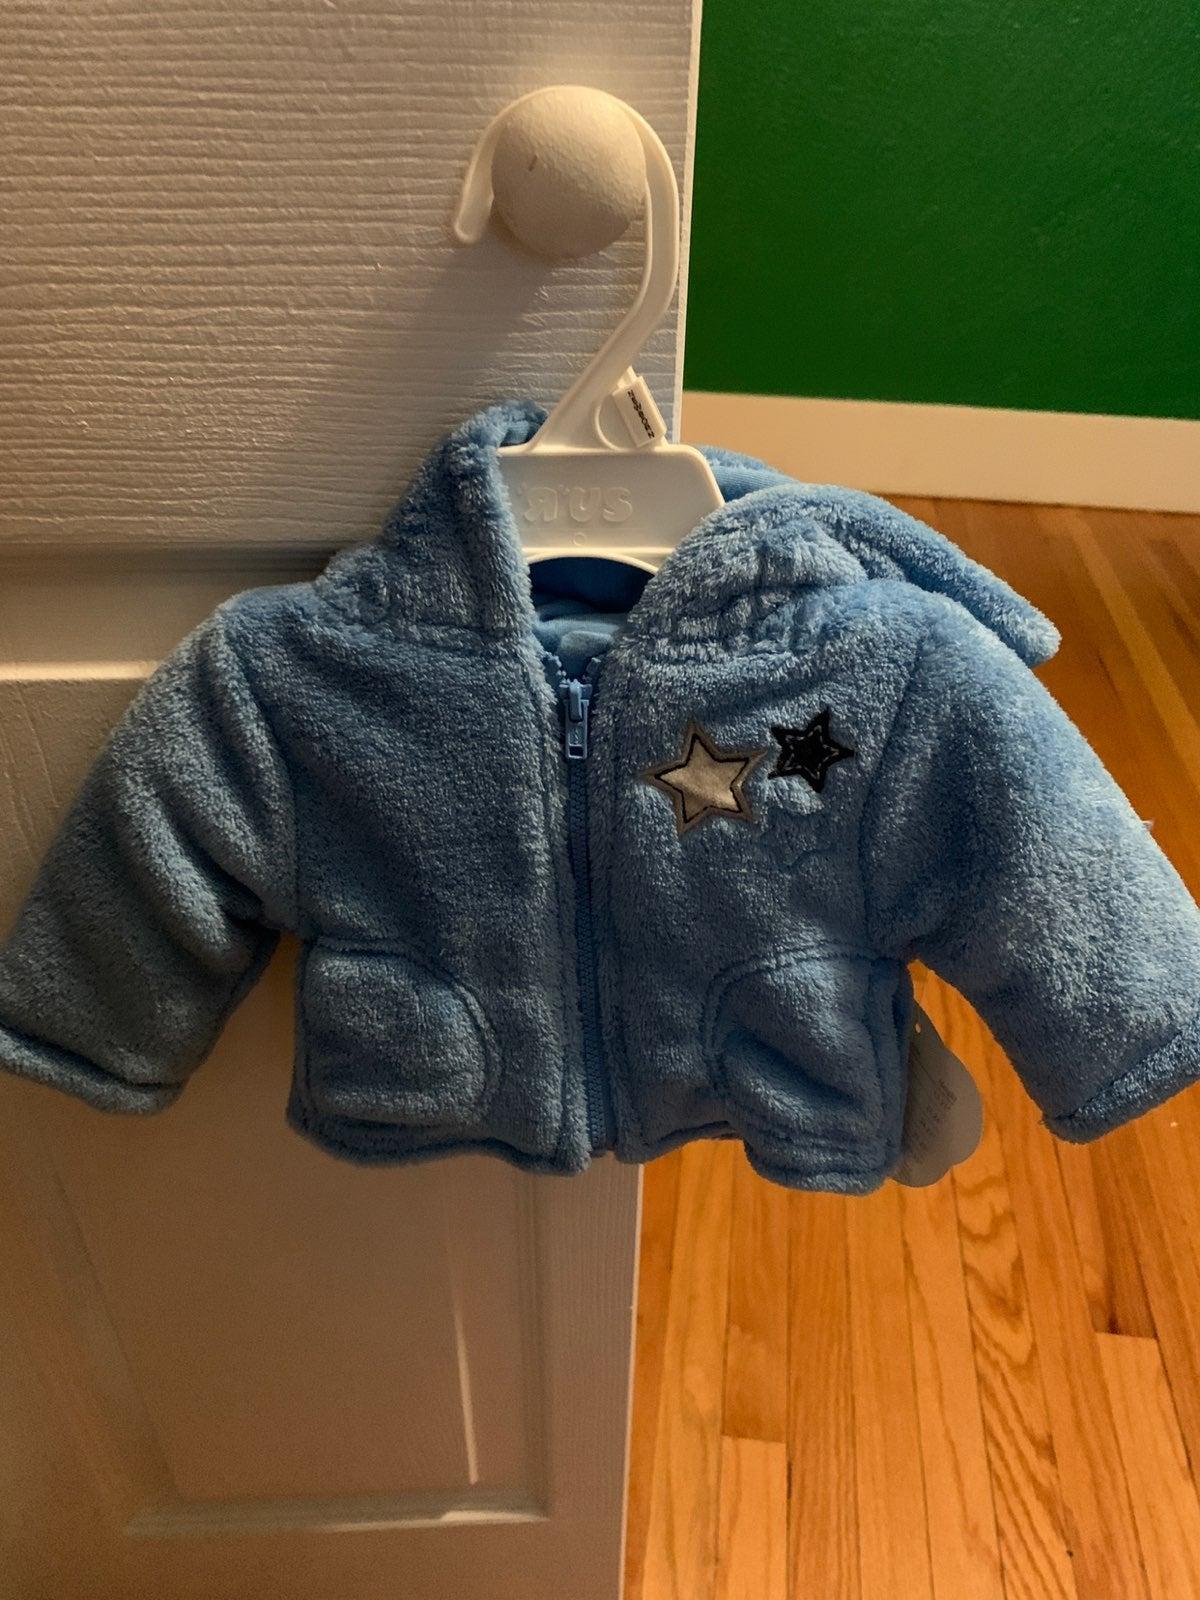 BabiesRus STARS Fleece pants and jacket